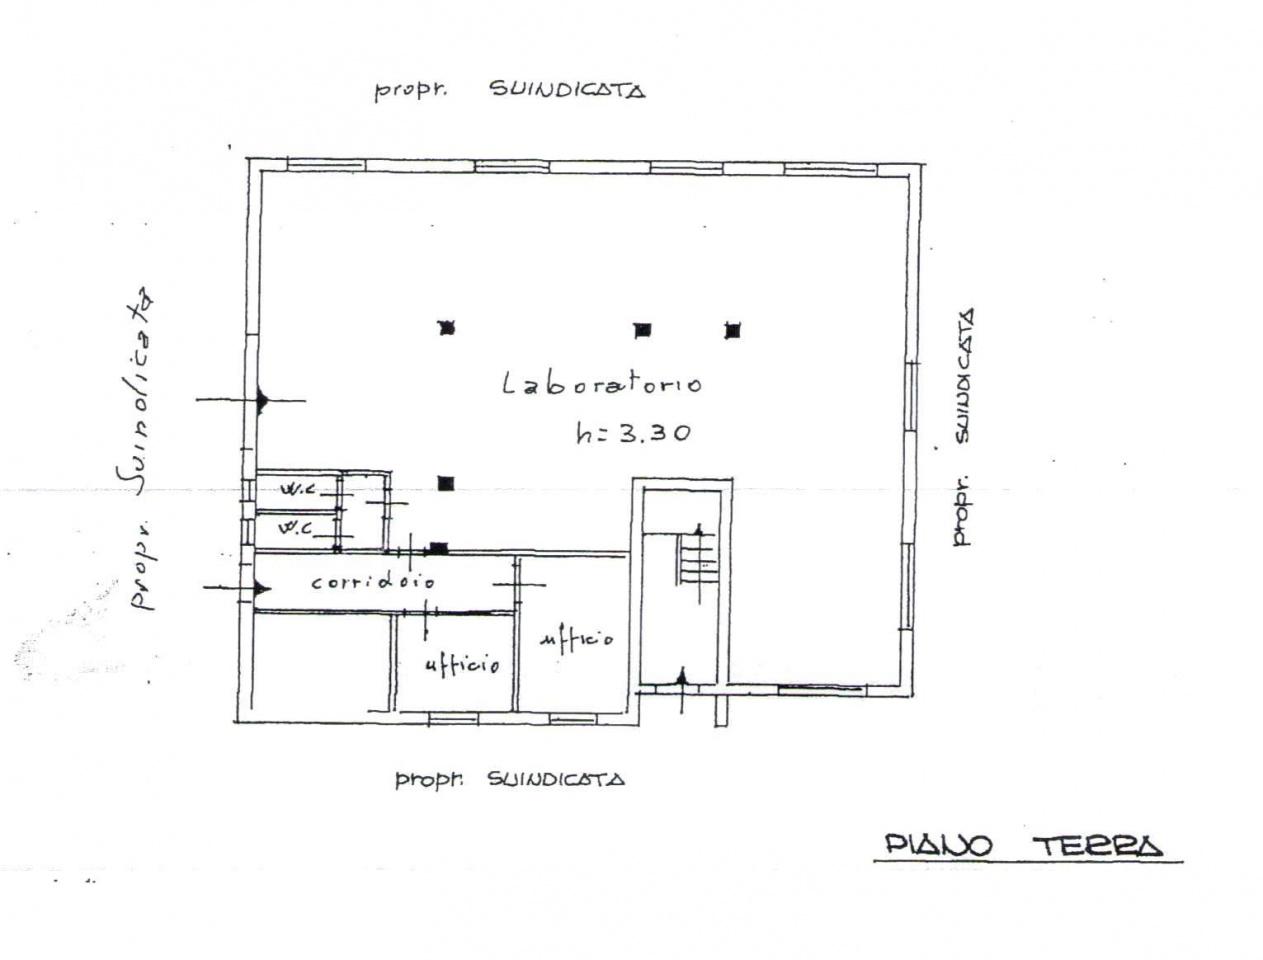 Laboratorio CERTALDO C 10